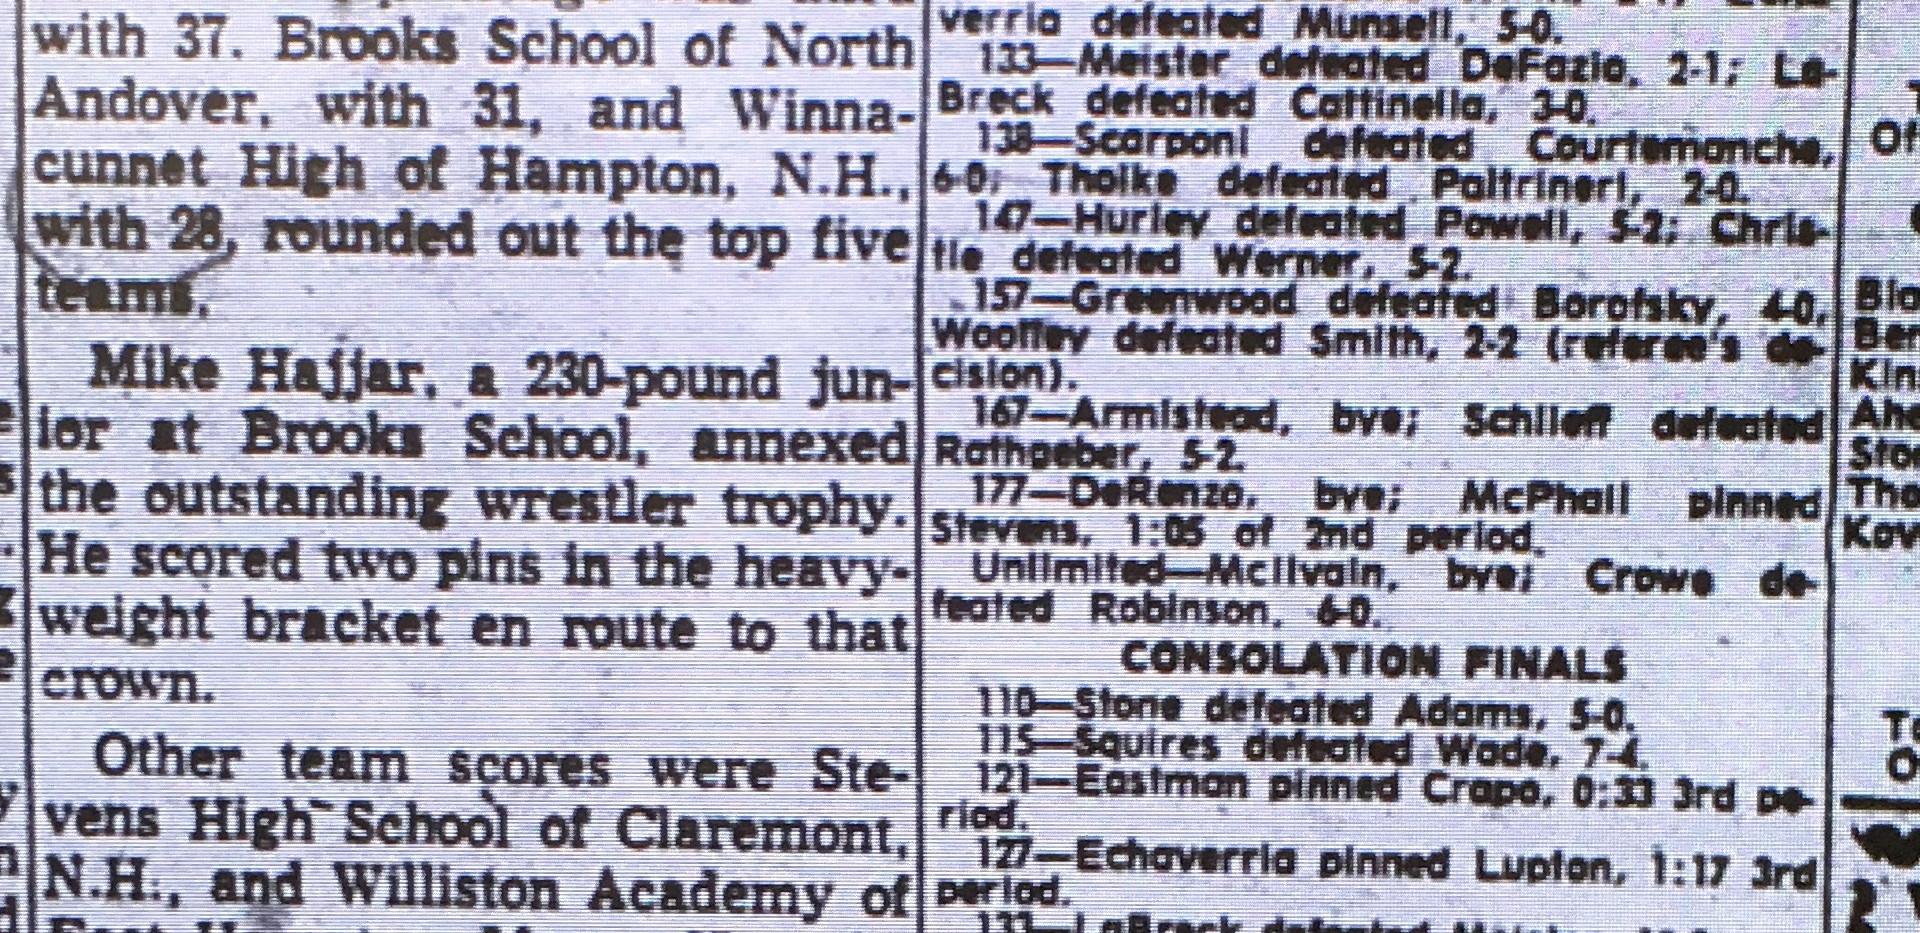 1964 New England Tournament